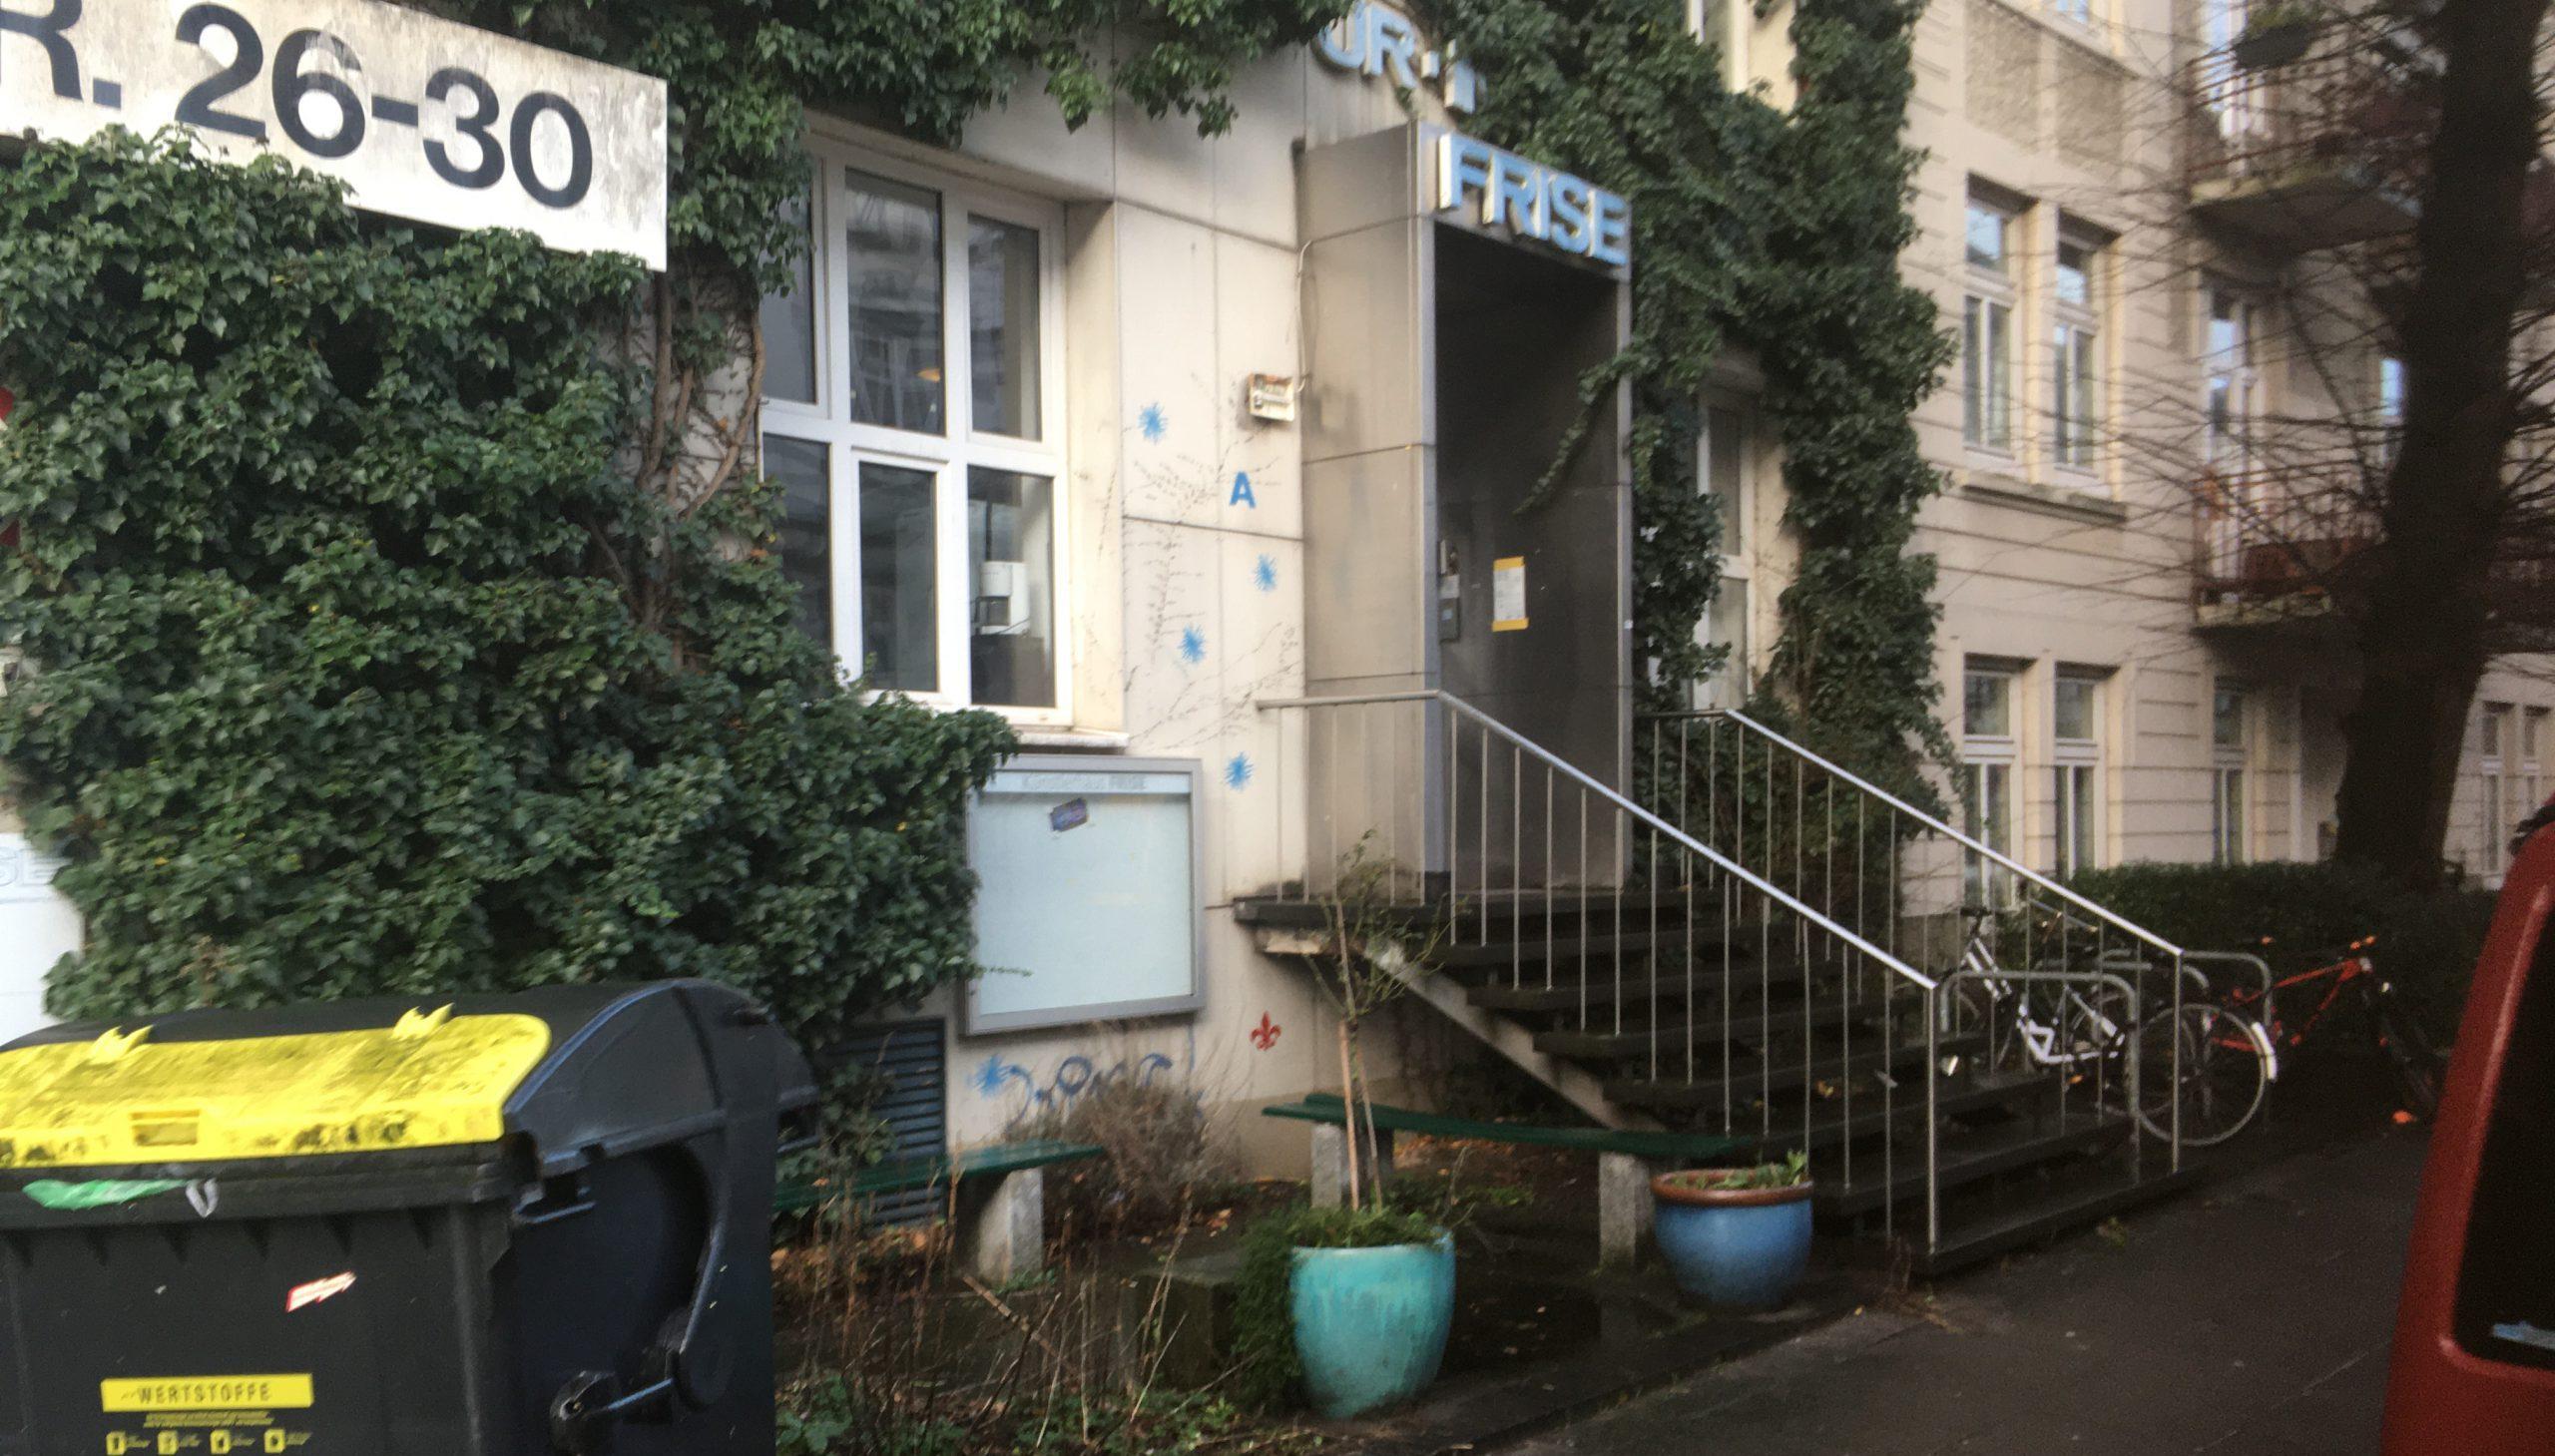 Zu sehen ist der Eingang des Künstlerhauses FRISE in Altona. Eine Treppe mit 8 Stufen führt zum Eingang hinauf. Im Vordergrund stehen 2 Blumenkübel und eine Mülltonne.